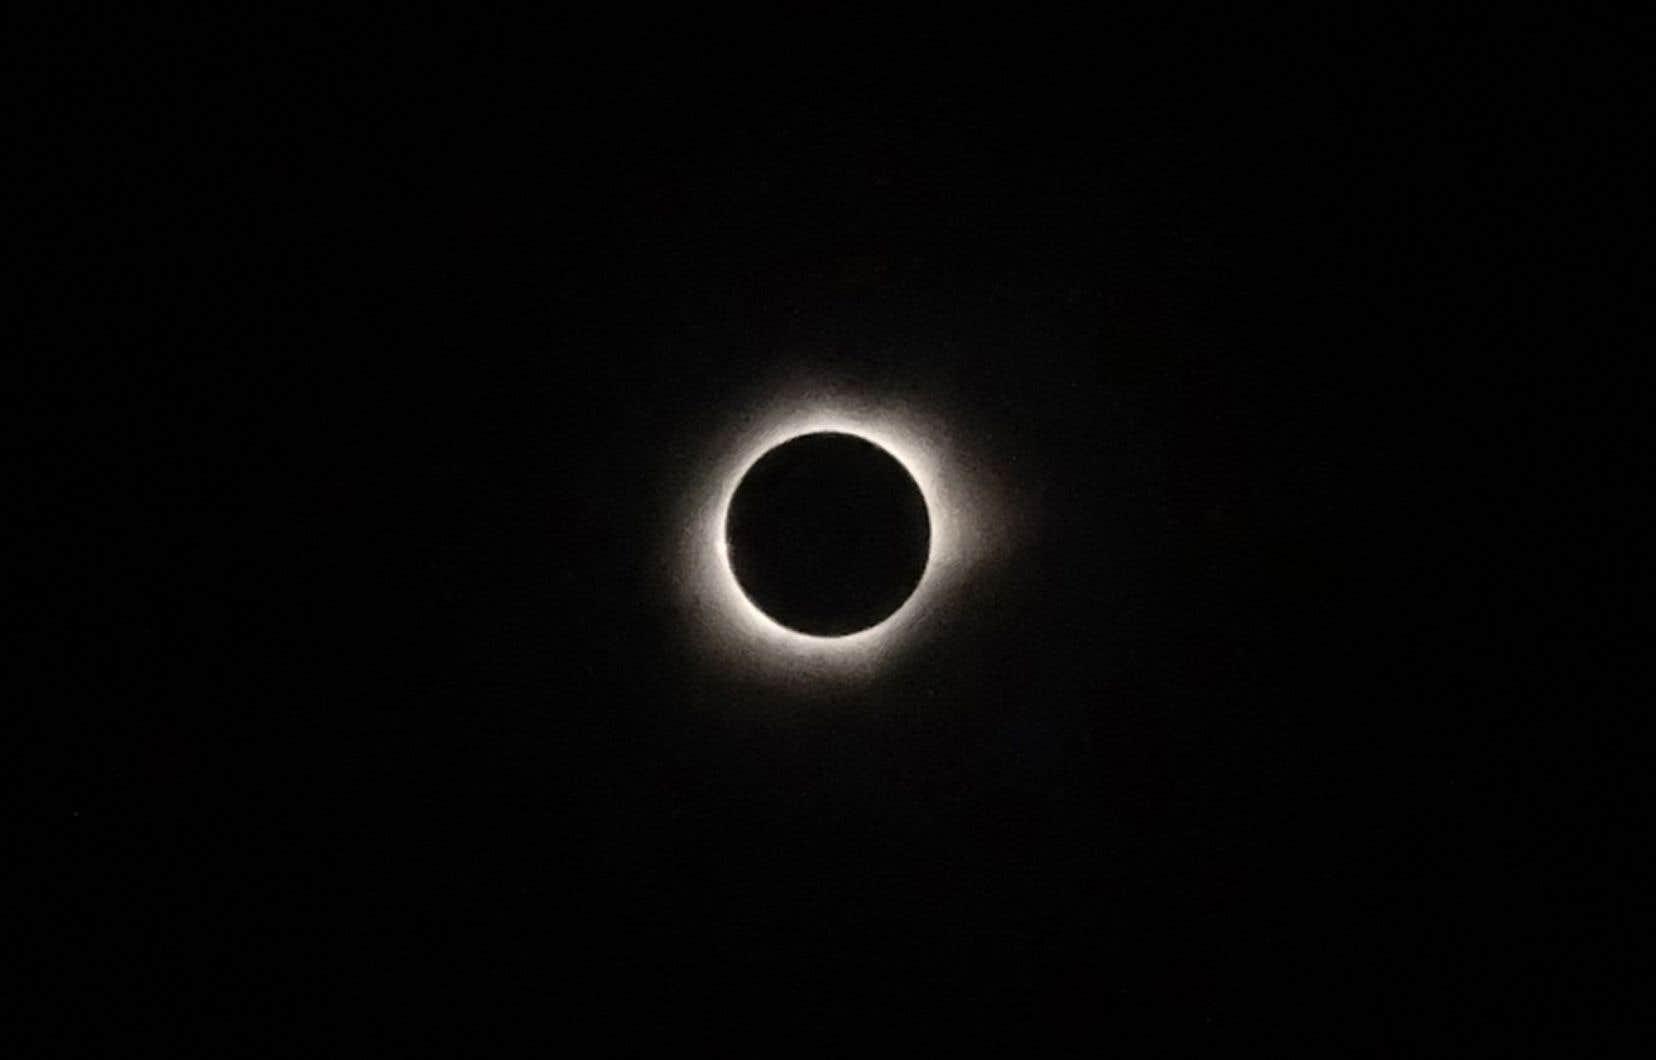 Une éclipse solaire totale observée depuis la ville de Ternate, dans les îles Maluku en Indonésie, le 9 mars 2016